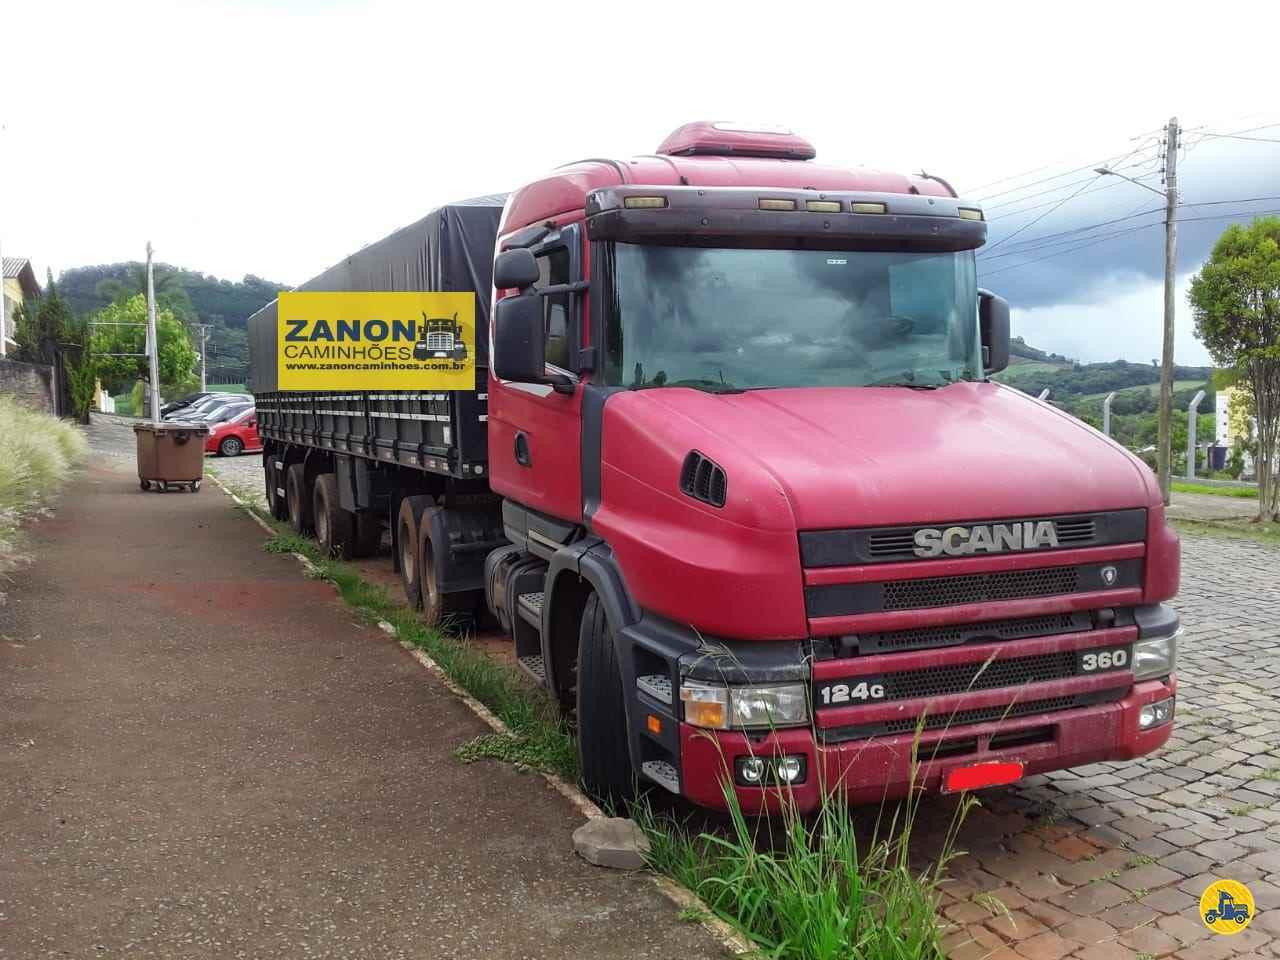 CAMINHAO SCANIA SCANIA 124 360 Cavalo Mecânico Truck 6x2 Zanon Caminhões e Implementos PASSO FUNDO RIO GRANDE DO SUL RS